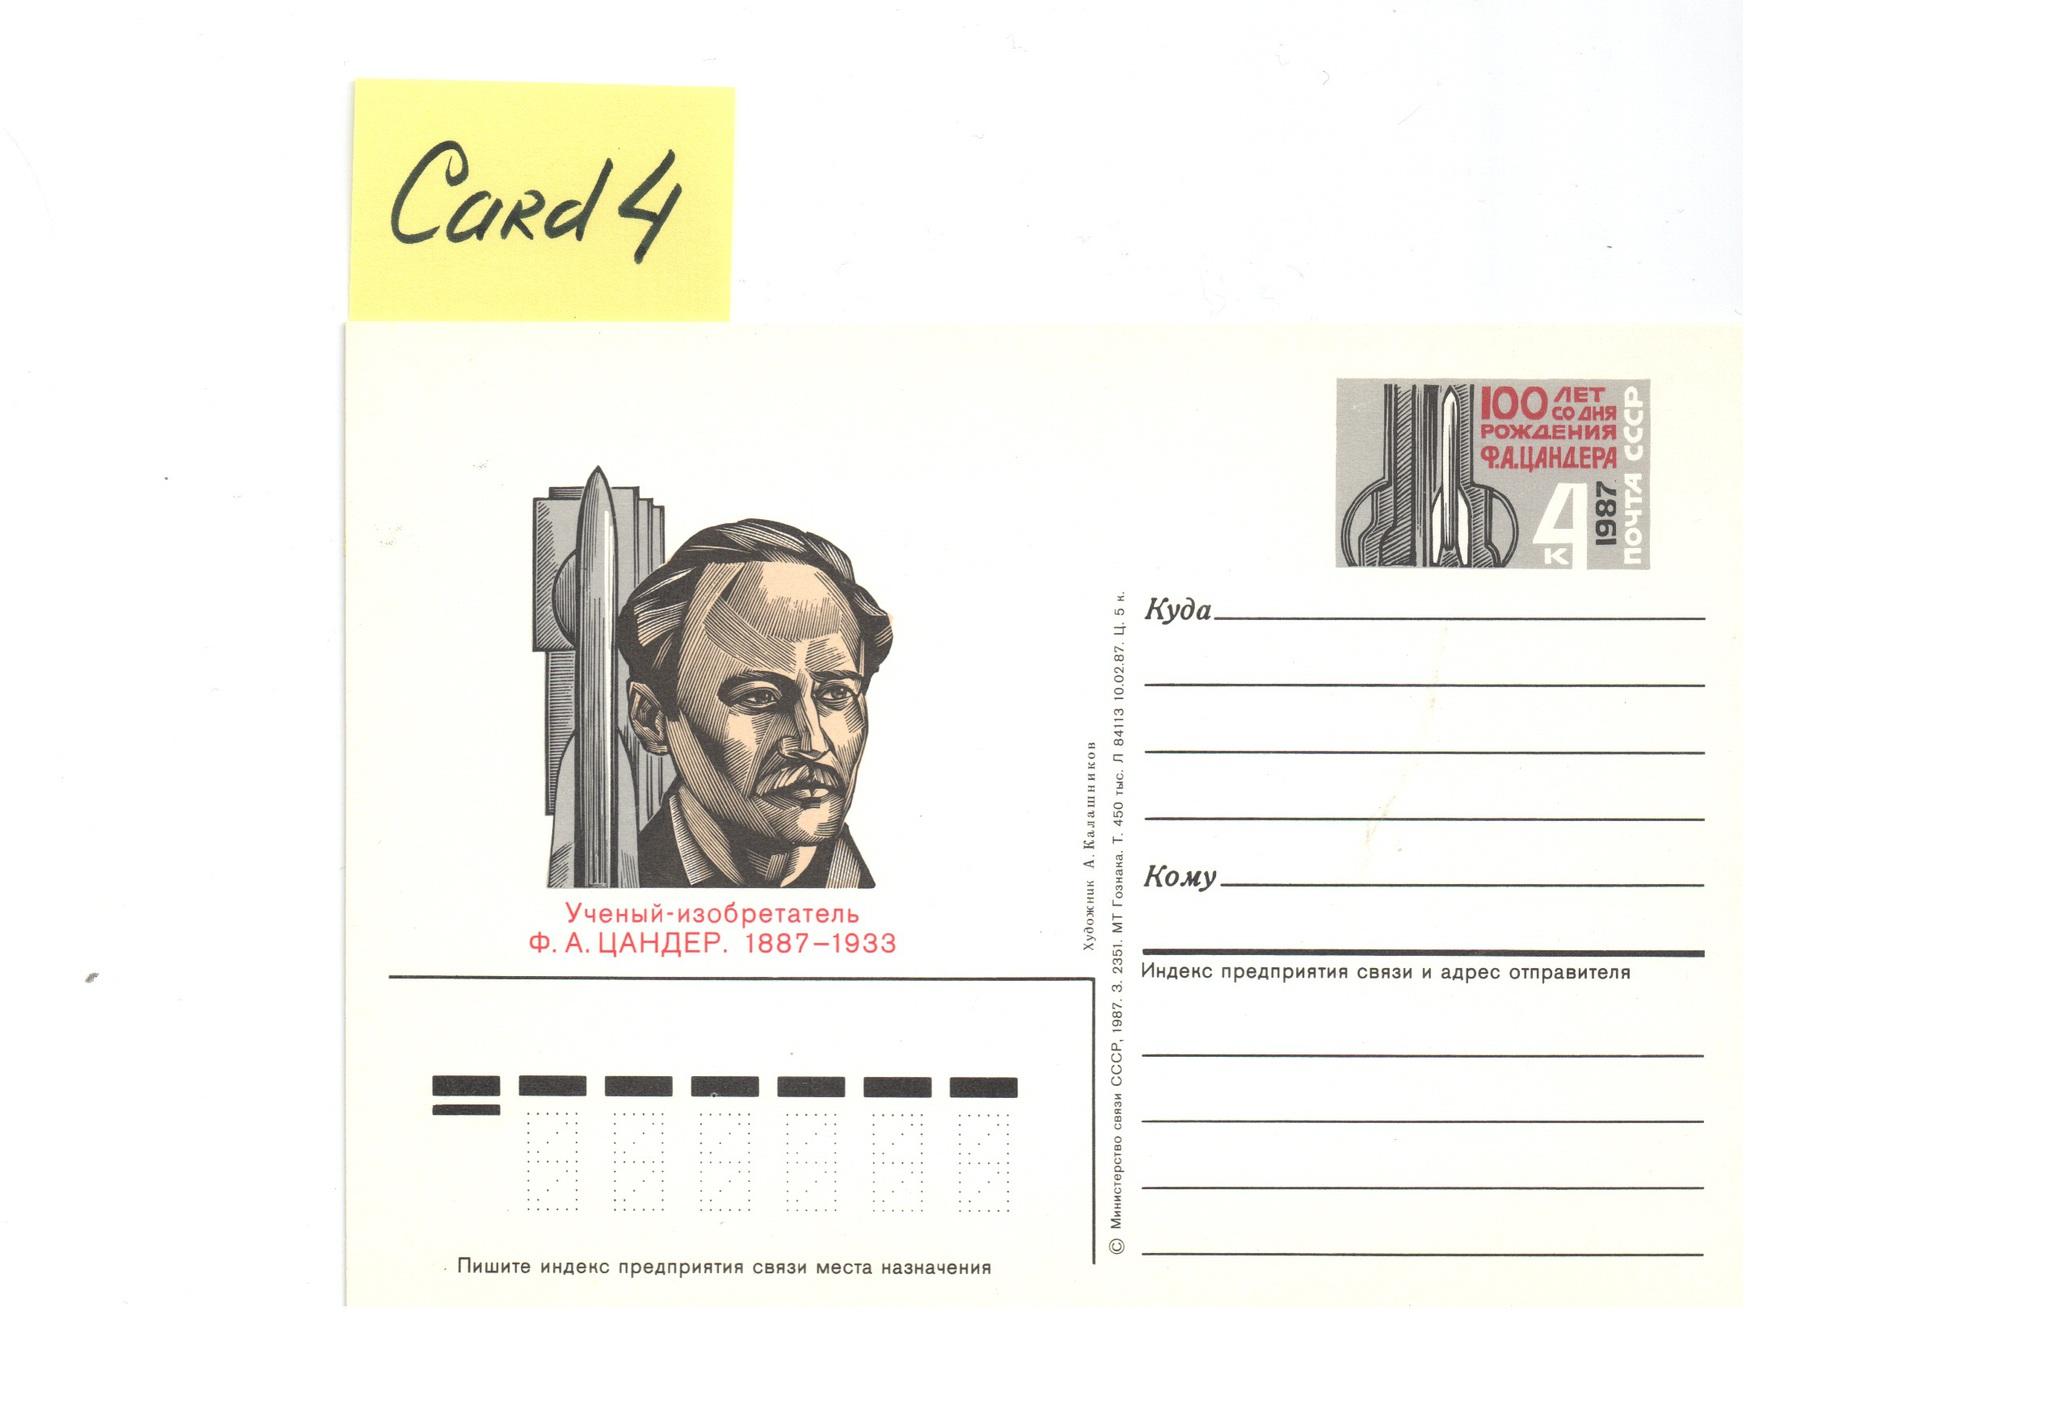 Коноплей картинки, размер почтовых открыток